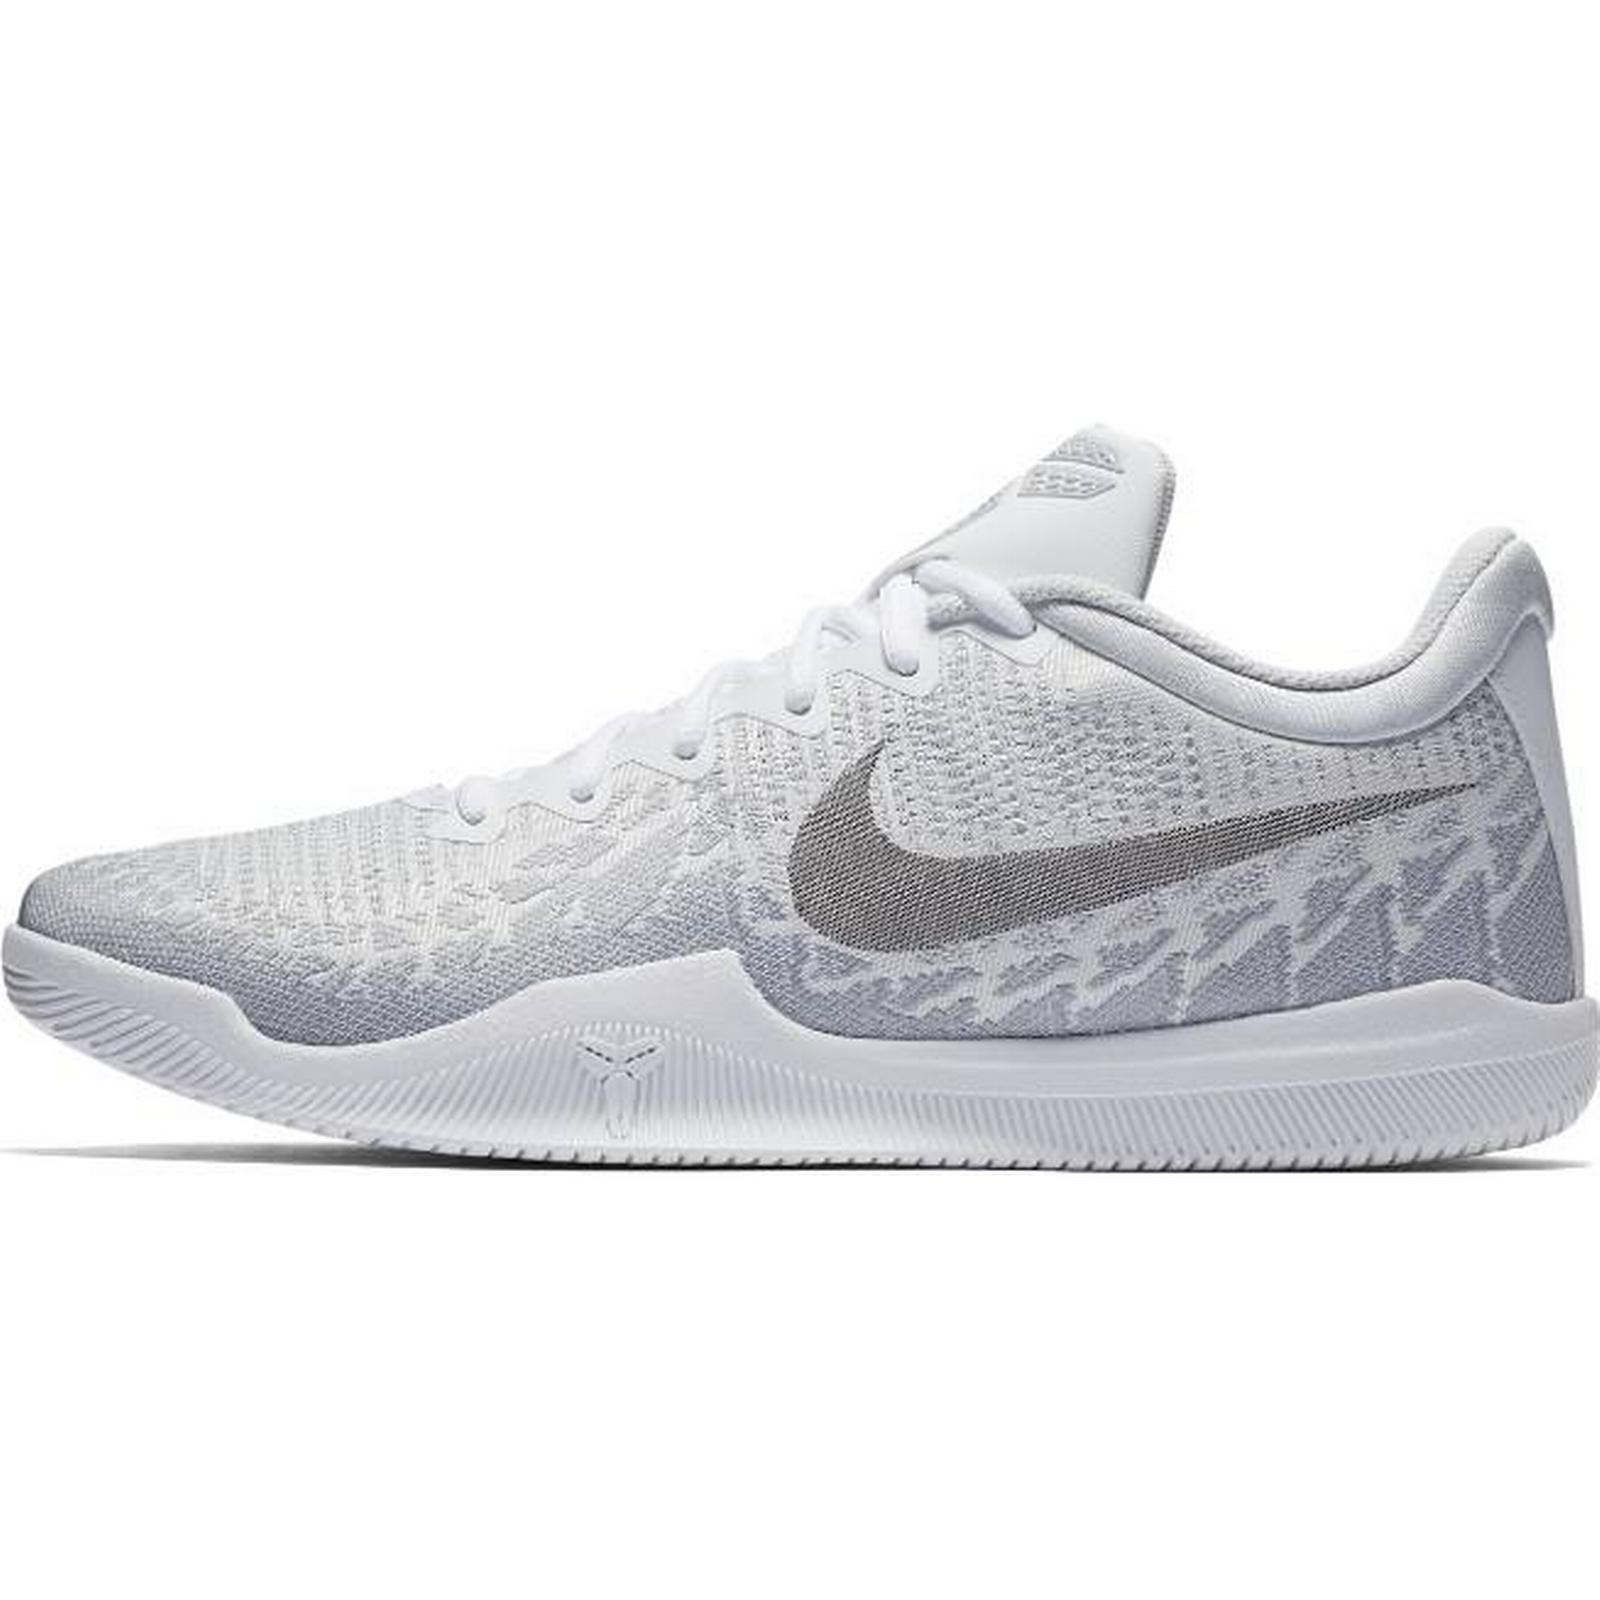 Gentleman/Lady < NIKE Męskie Buty Do < Koszykówki Nike Mamba Rage < Do  Comfortable feel 99ecb1